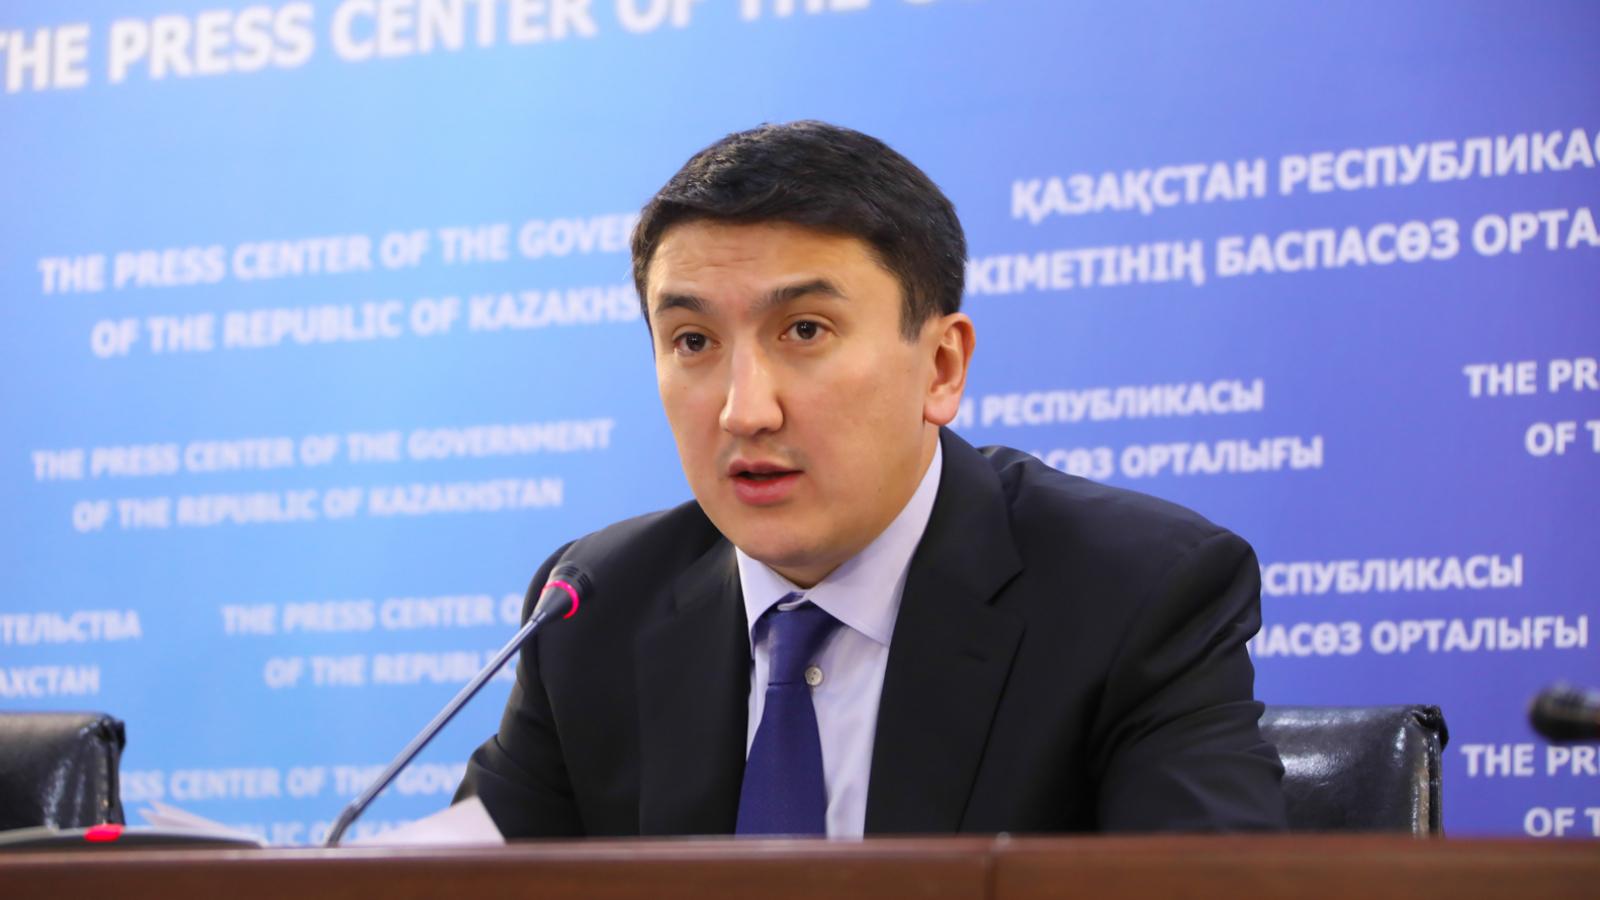 В Казахстане планируют создать региональный хаб по климатическим изменениям